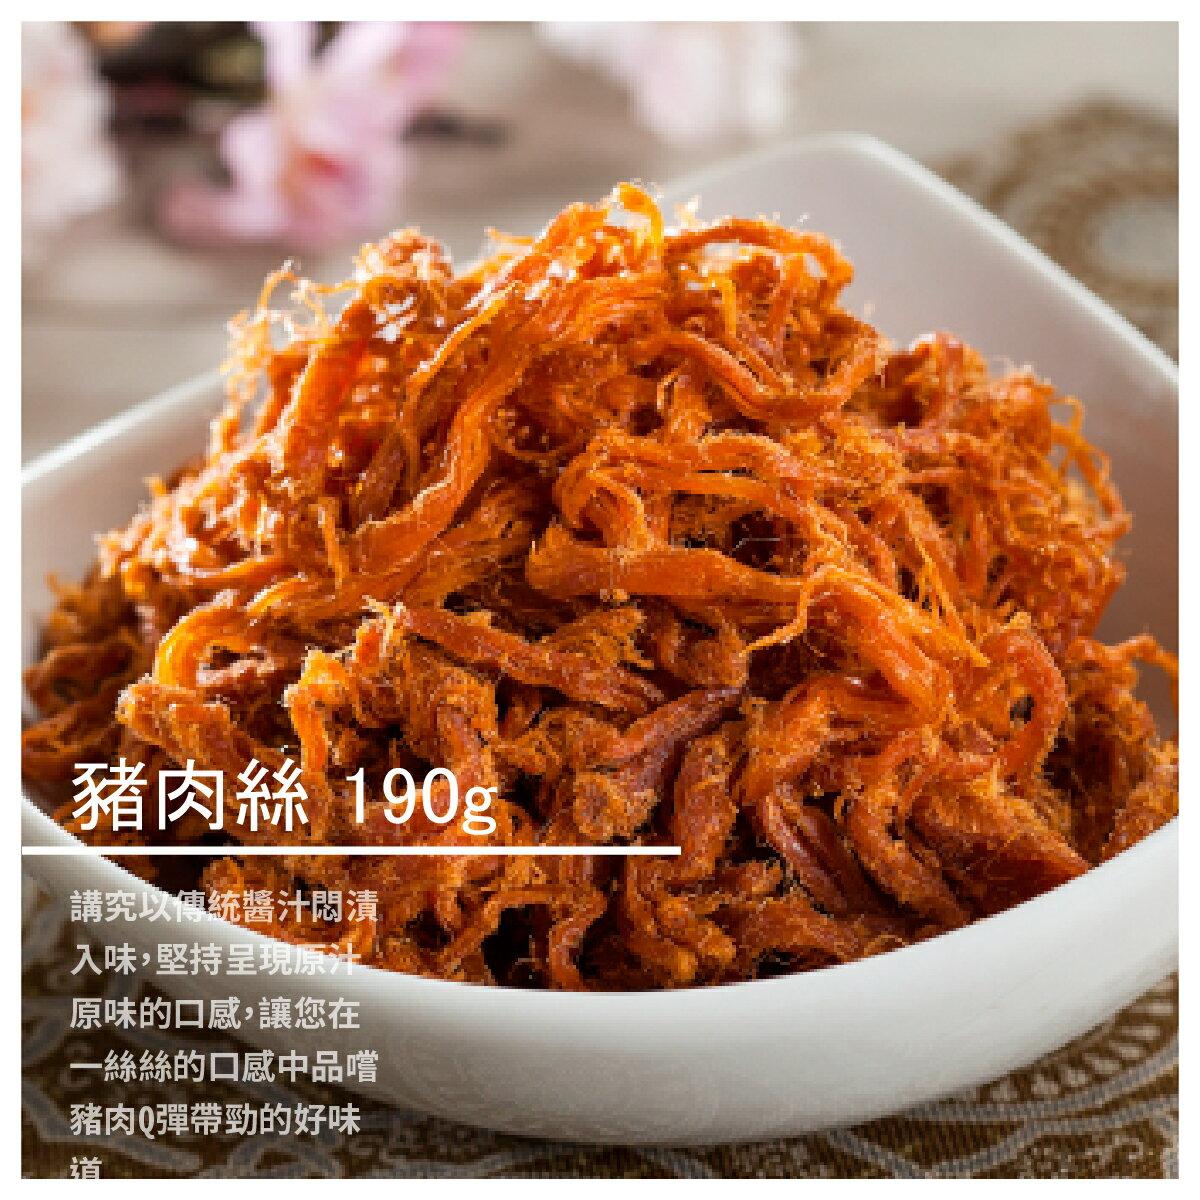 【黃金香肉乾】豬肉絲 190g